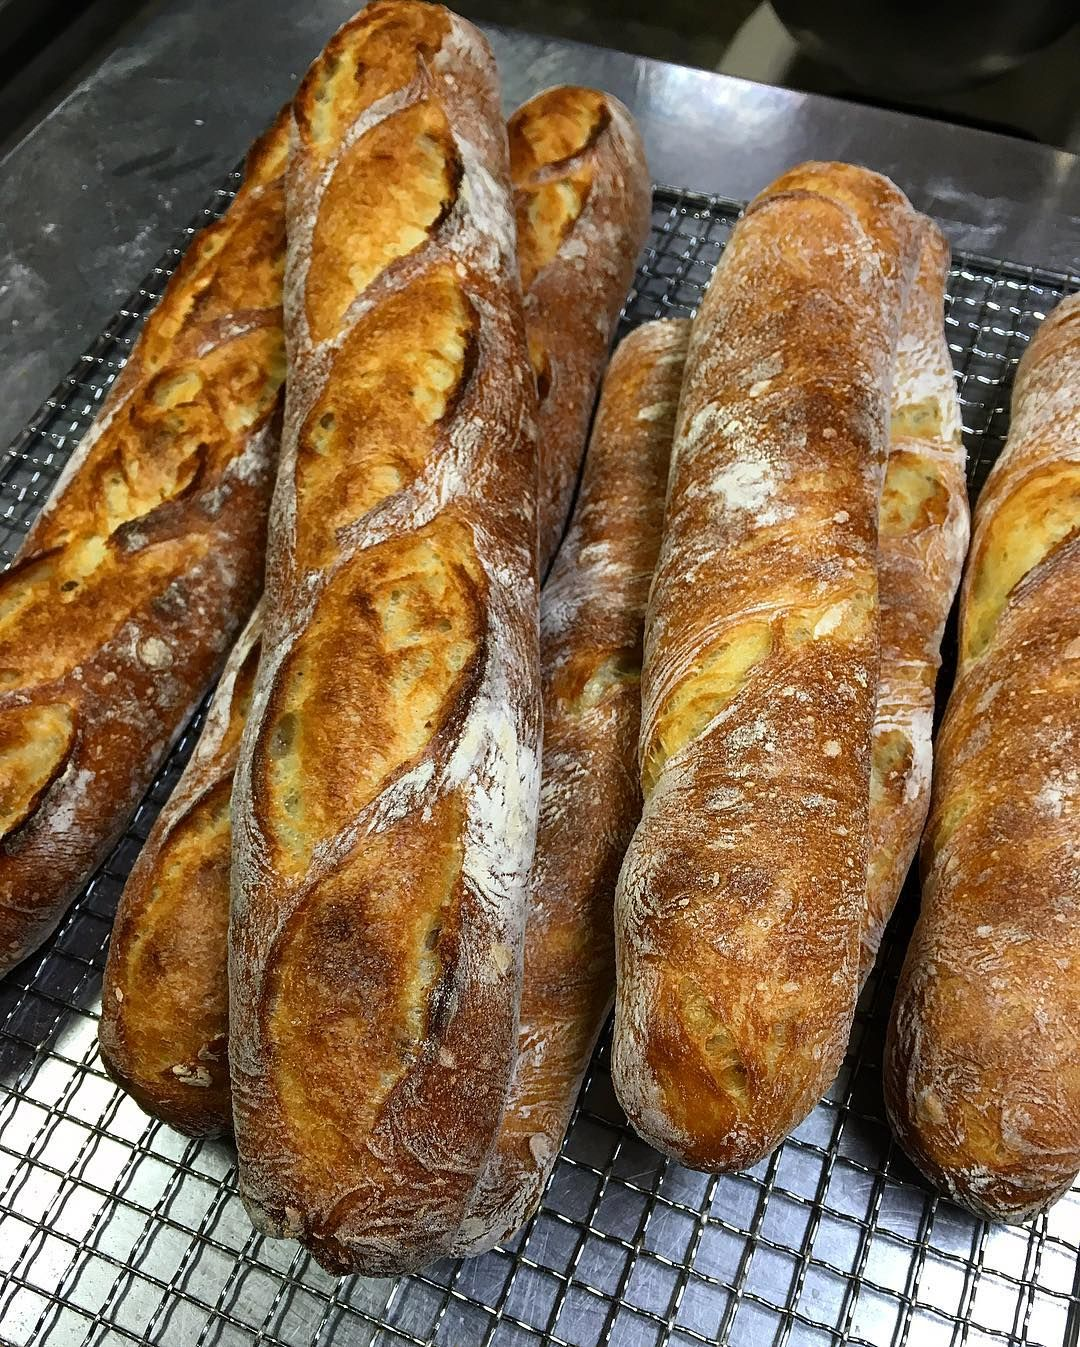 キタノカオリでバゲットを作ってみました 個人的にボツ吸水率100% #bread #pain #キタノカオリ#baguette #個人的に失敗 by takashi_aizu